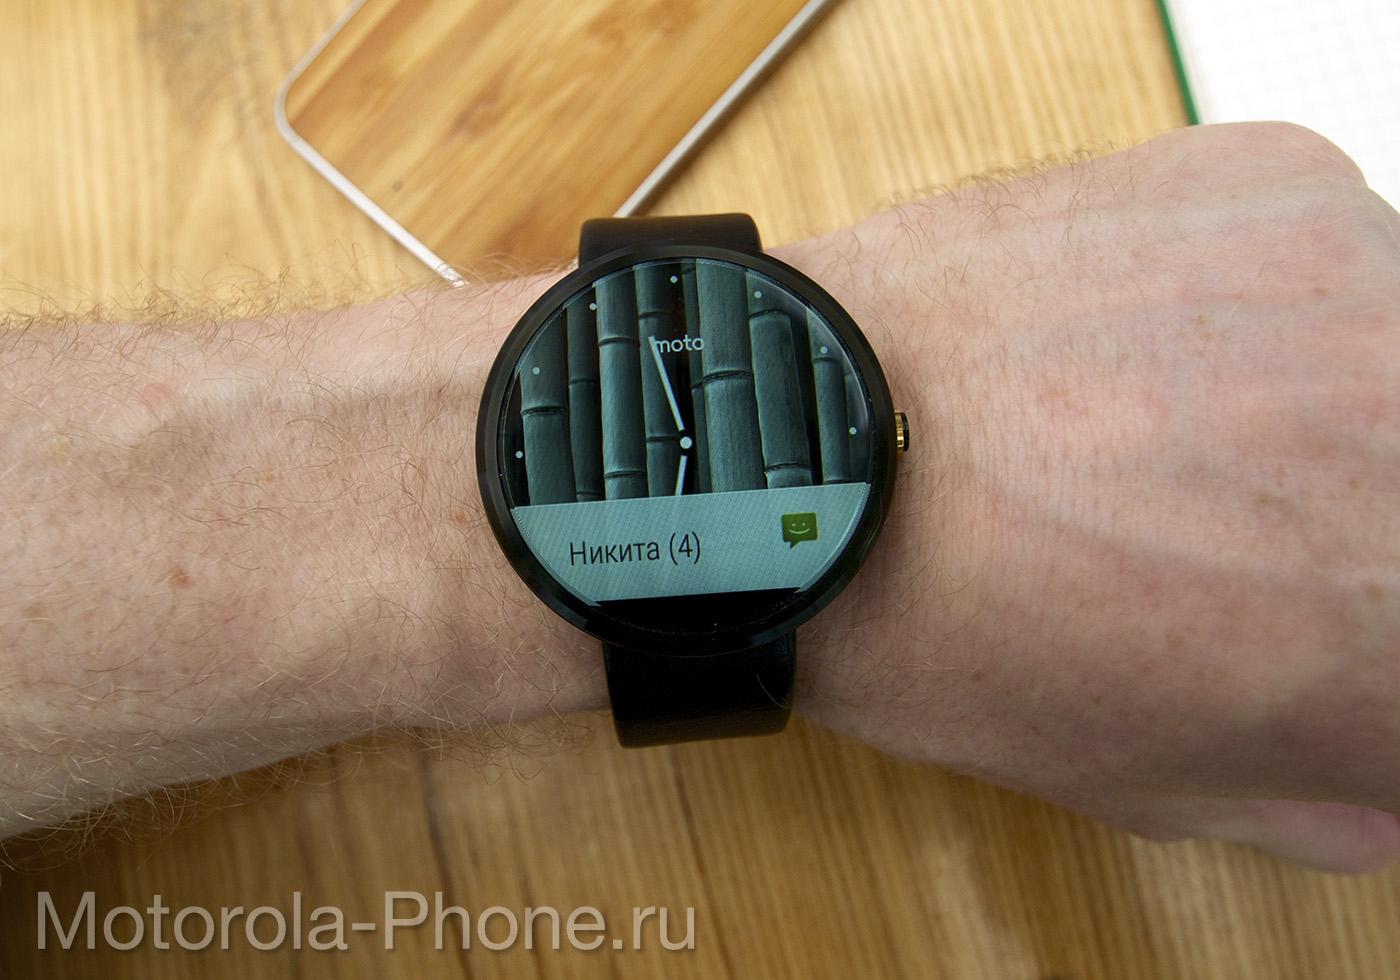 Motorola-Moto-360-Android-Wear-5-1-41 copy